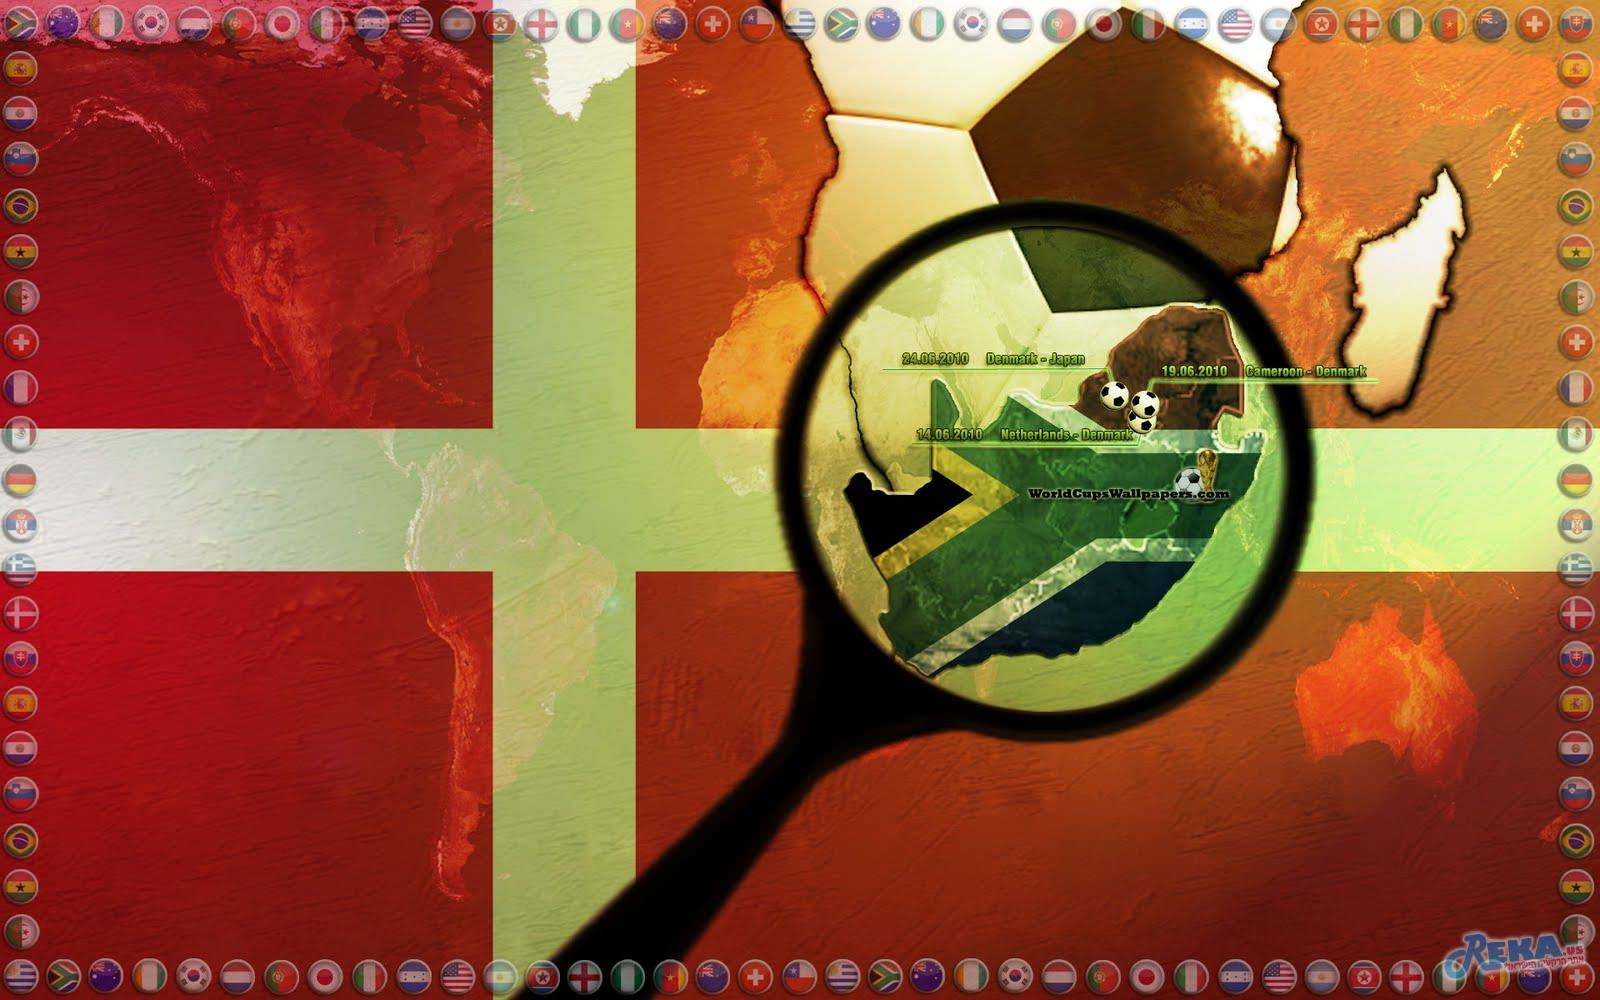 Denmark-World-Cup-2010-Widescreen-Wallpaper